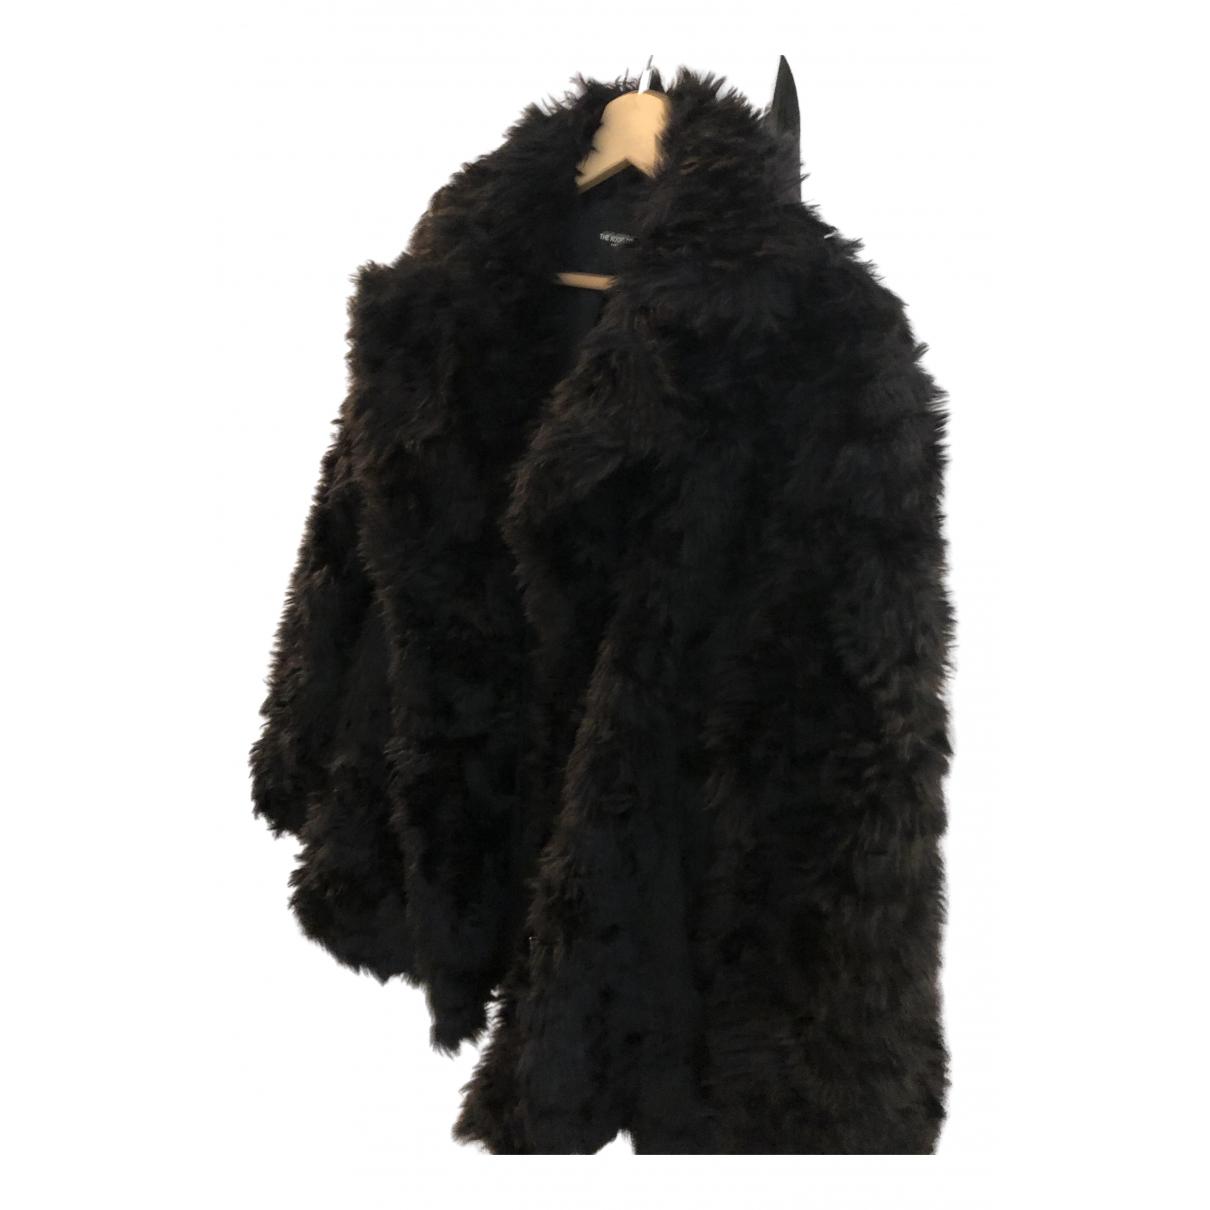 The Kooples - Manteau Fall Winter 2019 pour femme en fourrure synthetique - noir